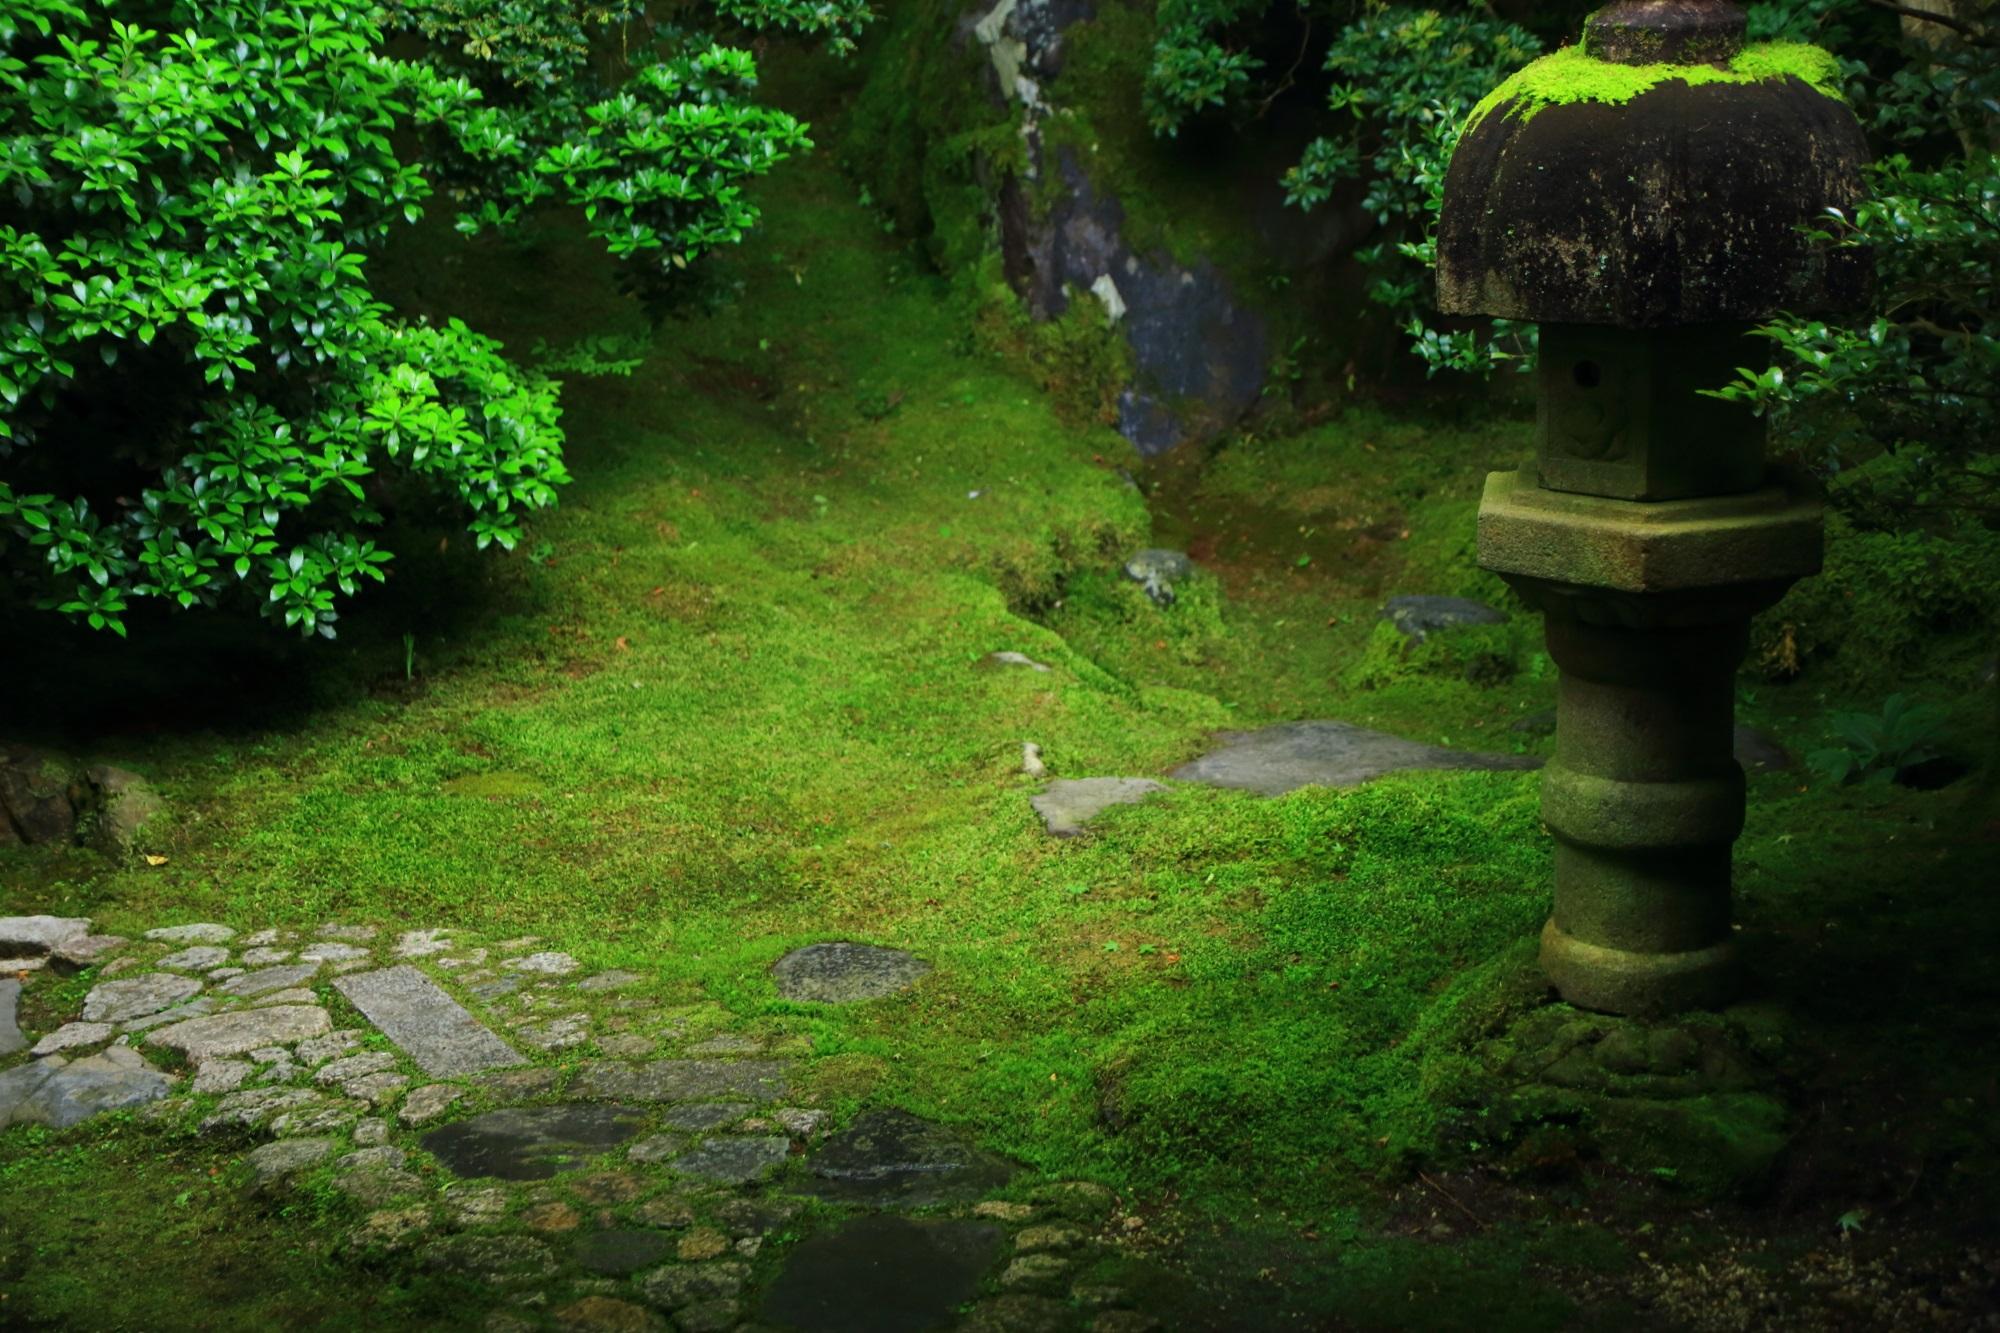 苔 燈籠 瑠璃光院 緑 綺麗